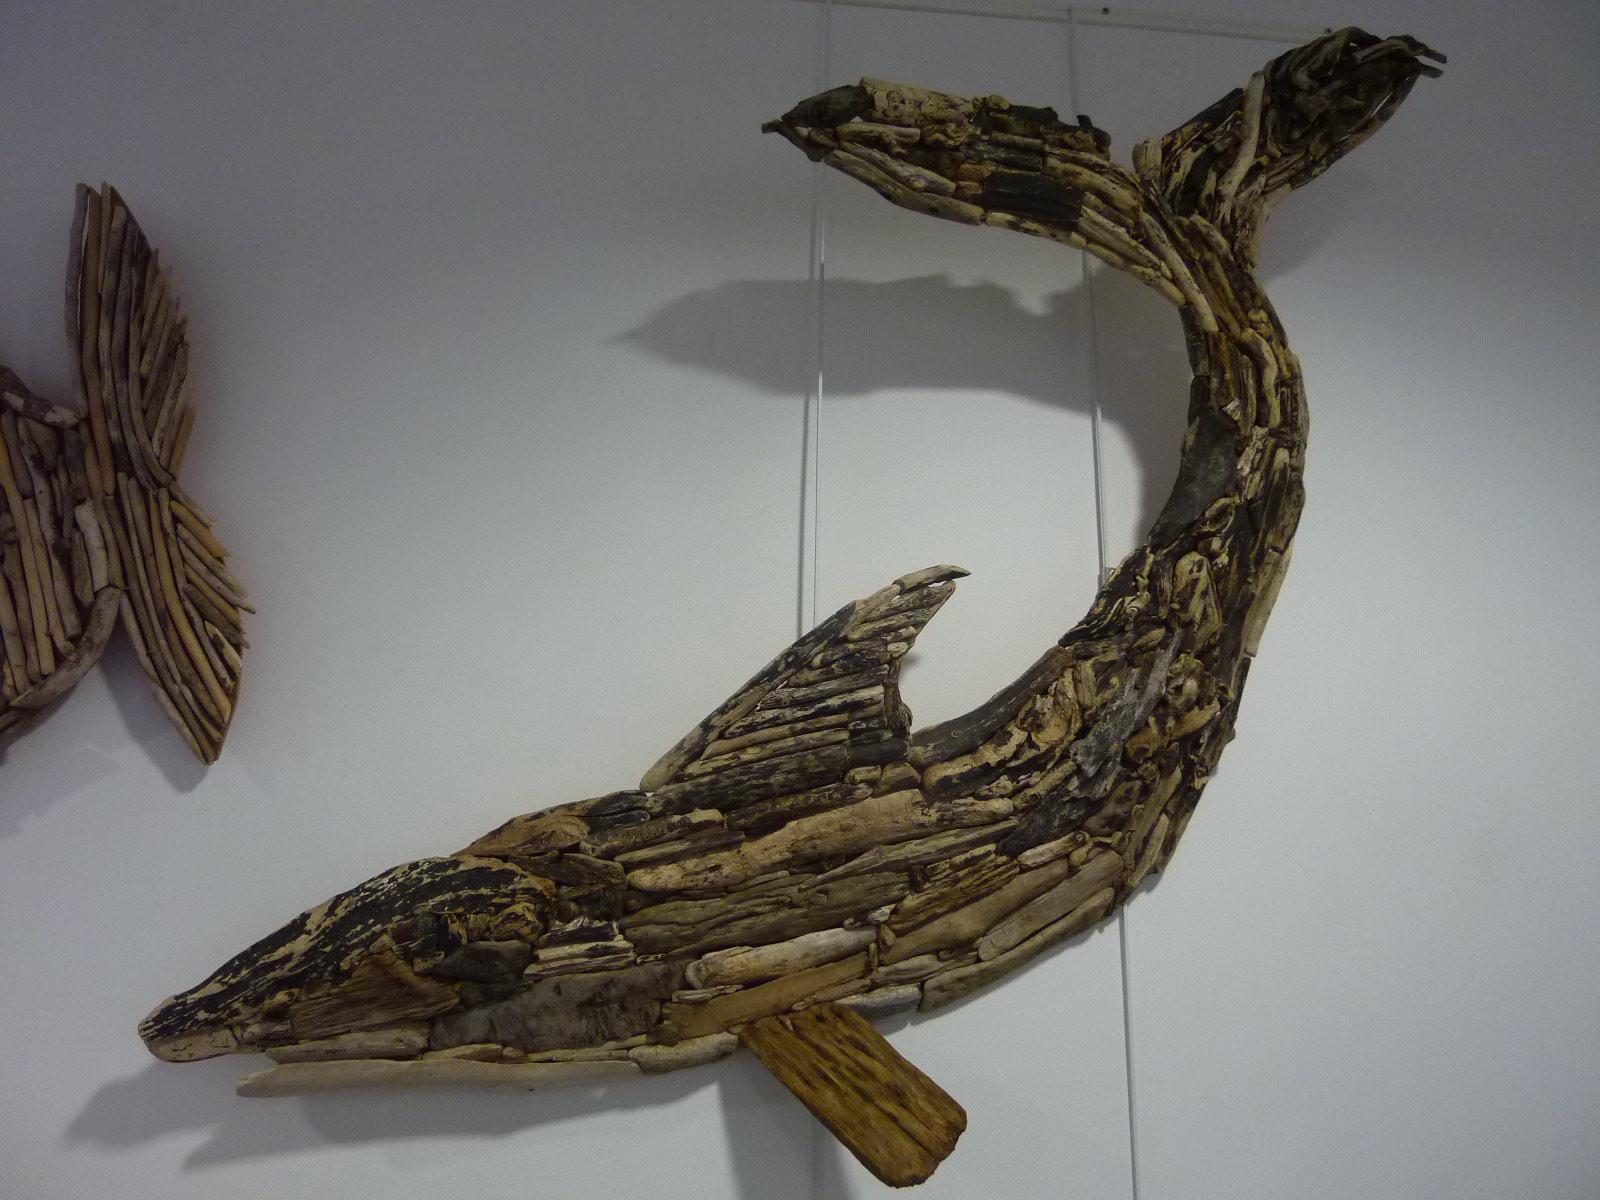 banc de poissons - Site Jimdo de Sylvie Patie!